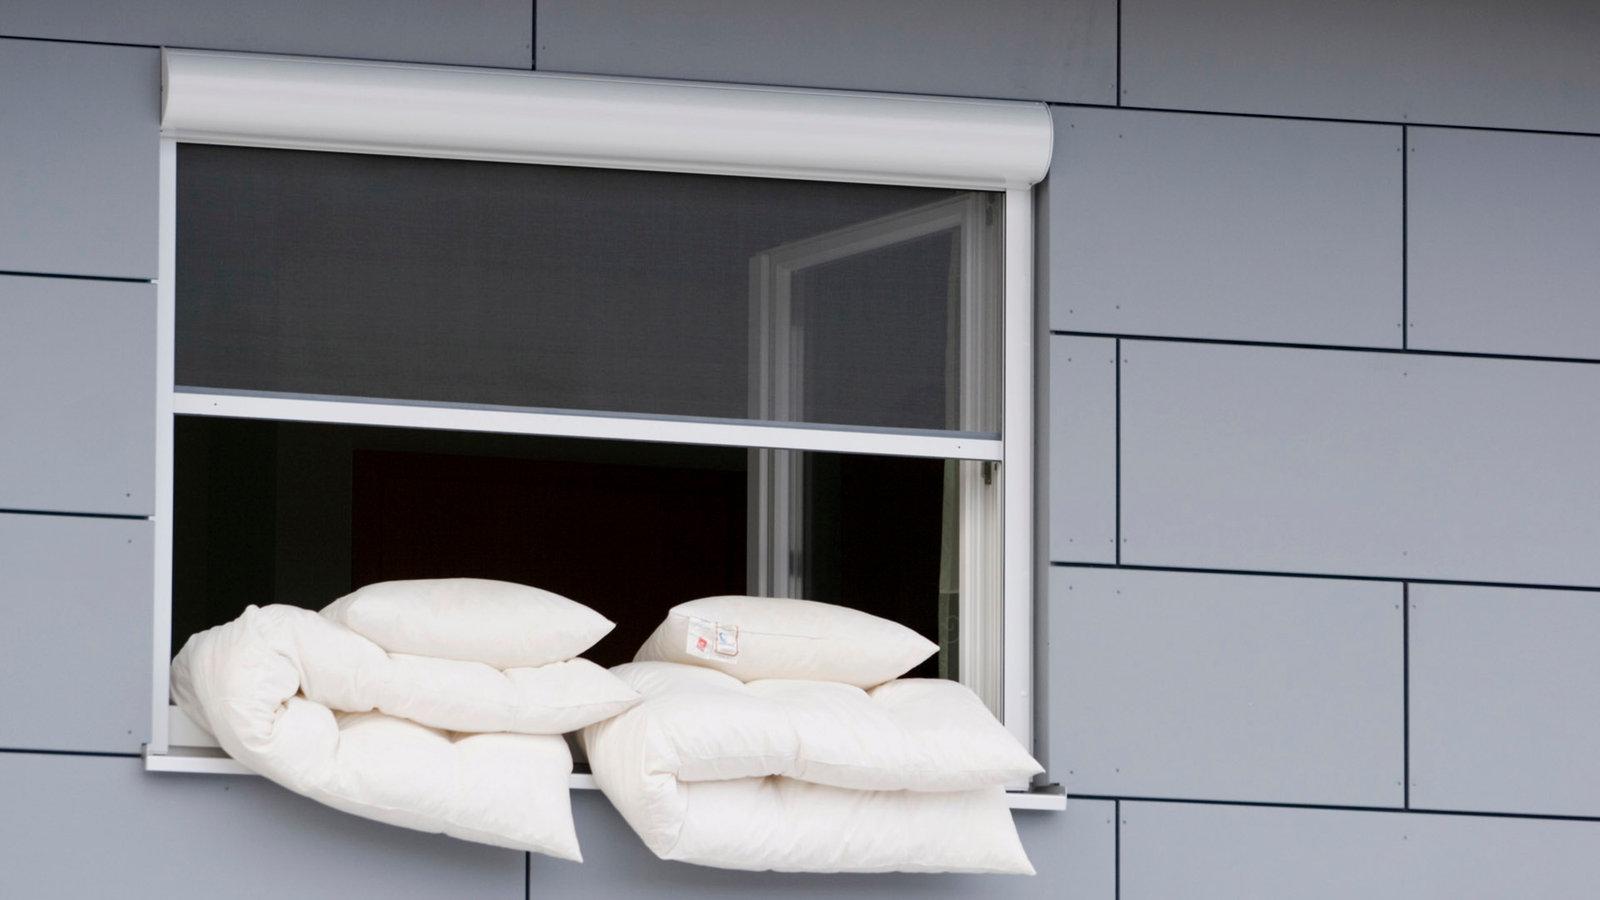 Galerie. Ein Offenes Fenster Mit Bettwäsche. Schlafzimmer Kühl Halten